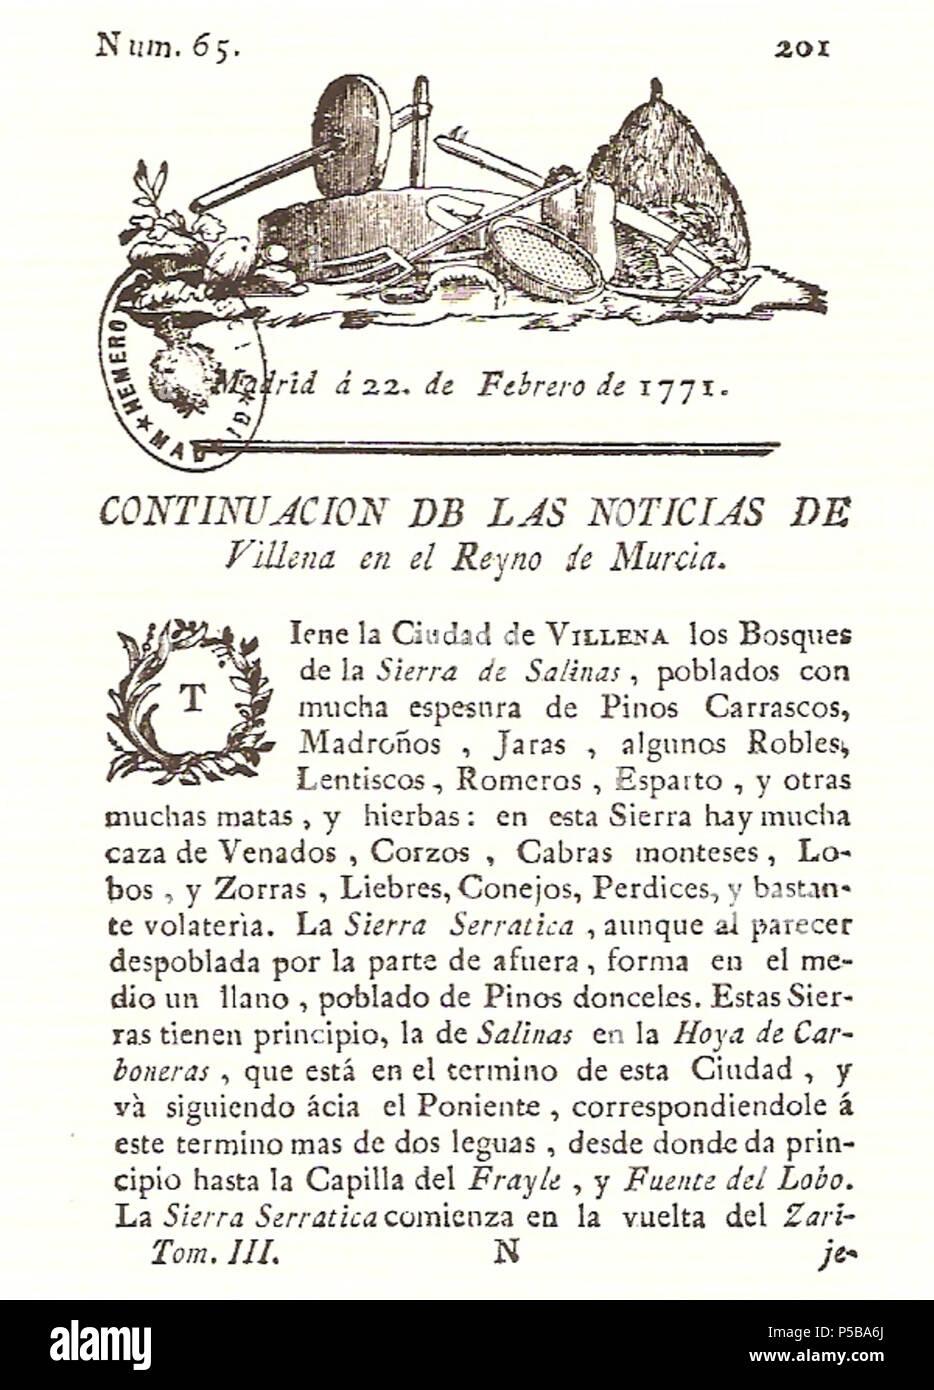 N/A. Español: Es un escaneo de la revista 'Correo General de España' que versa sobre Villena . 1771. Marino Nipho 382 Correo.1771-02-22--201 Stock Photo